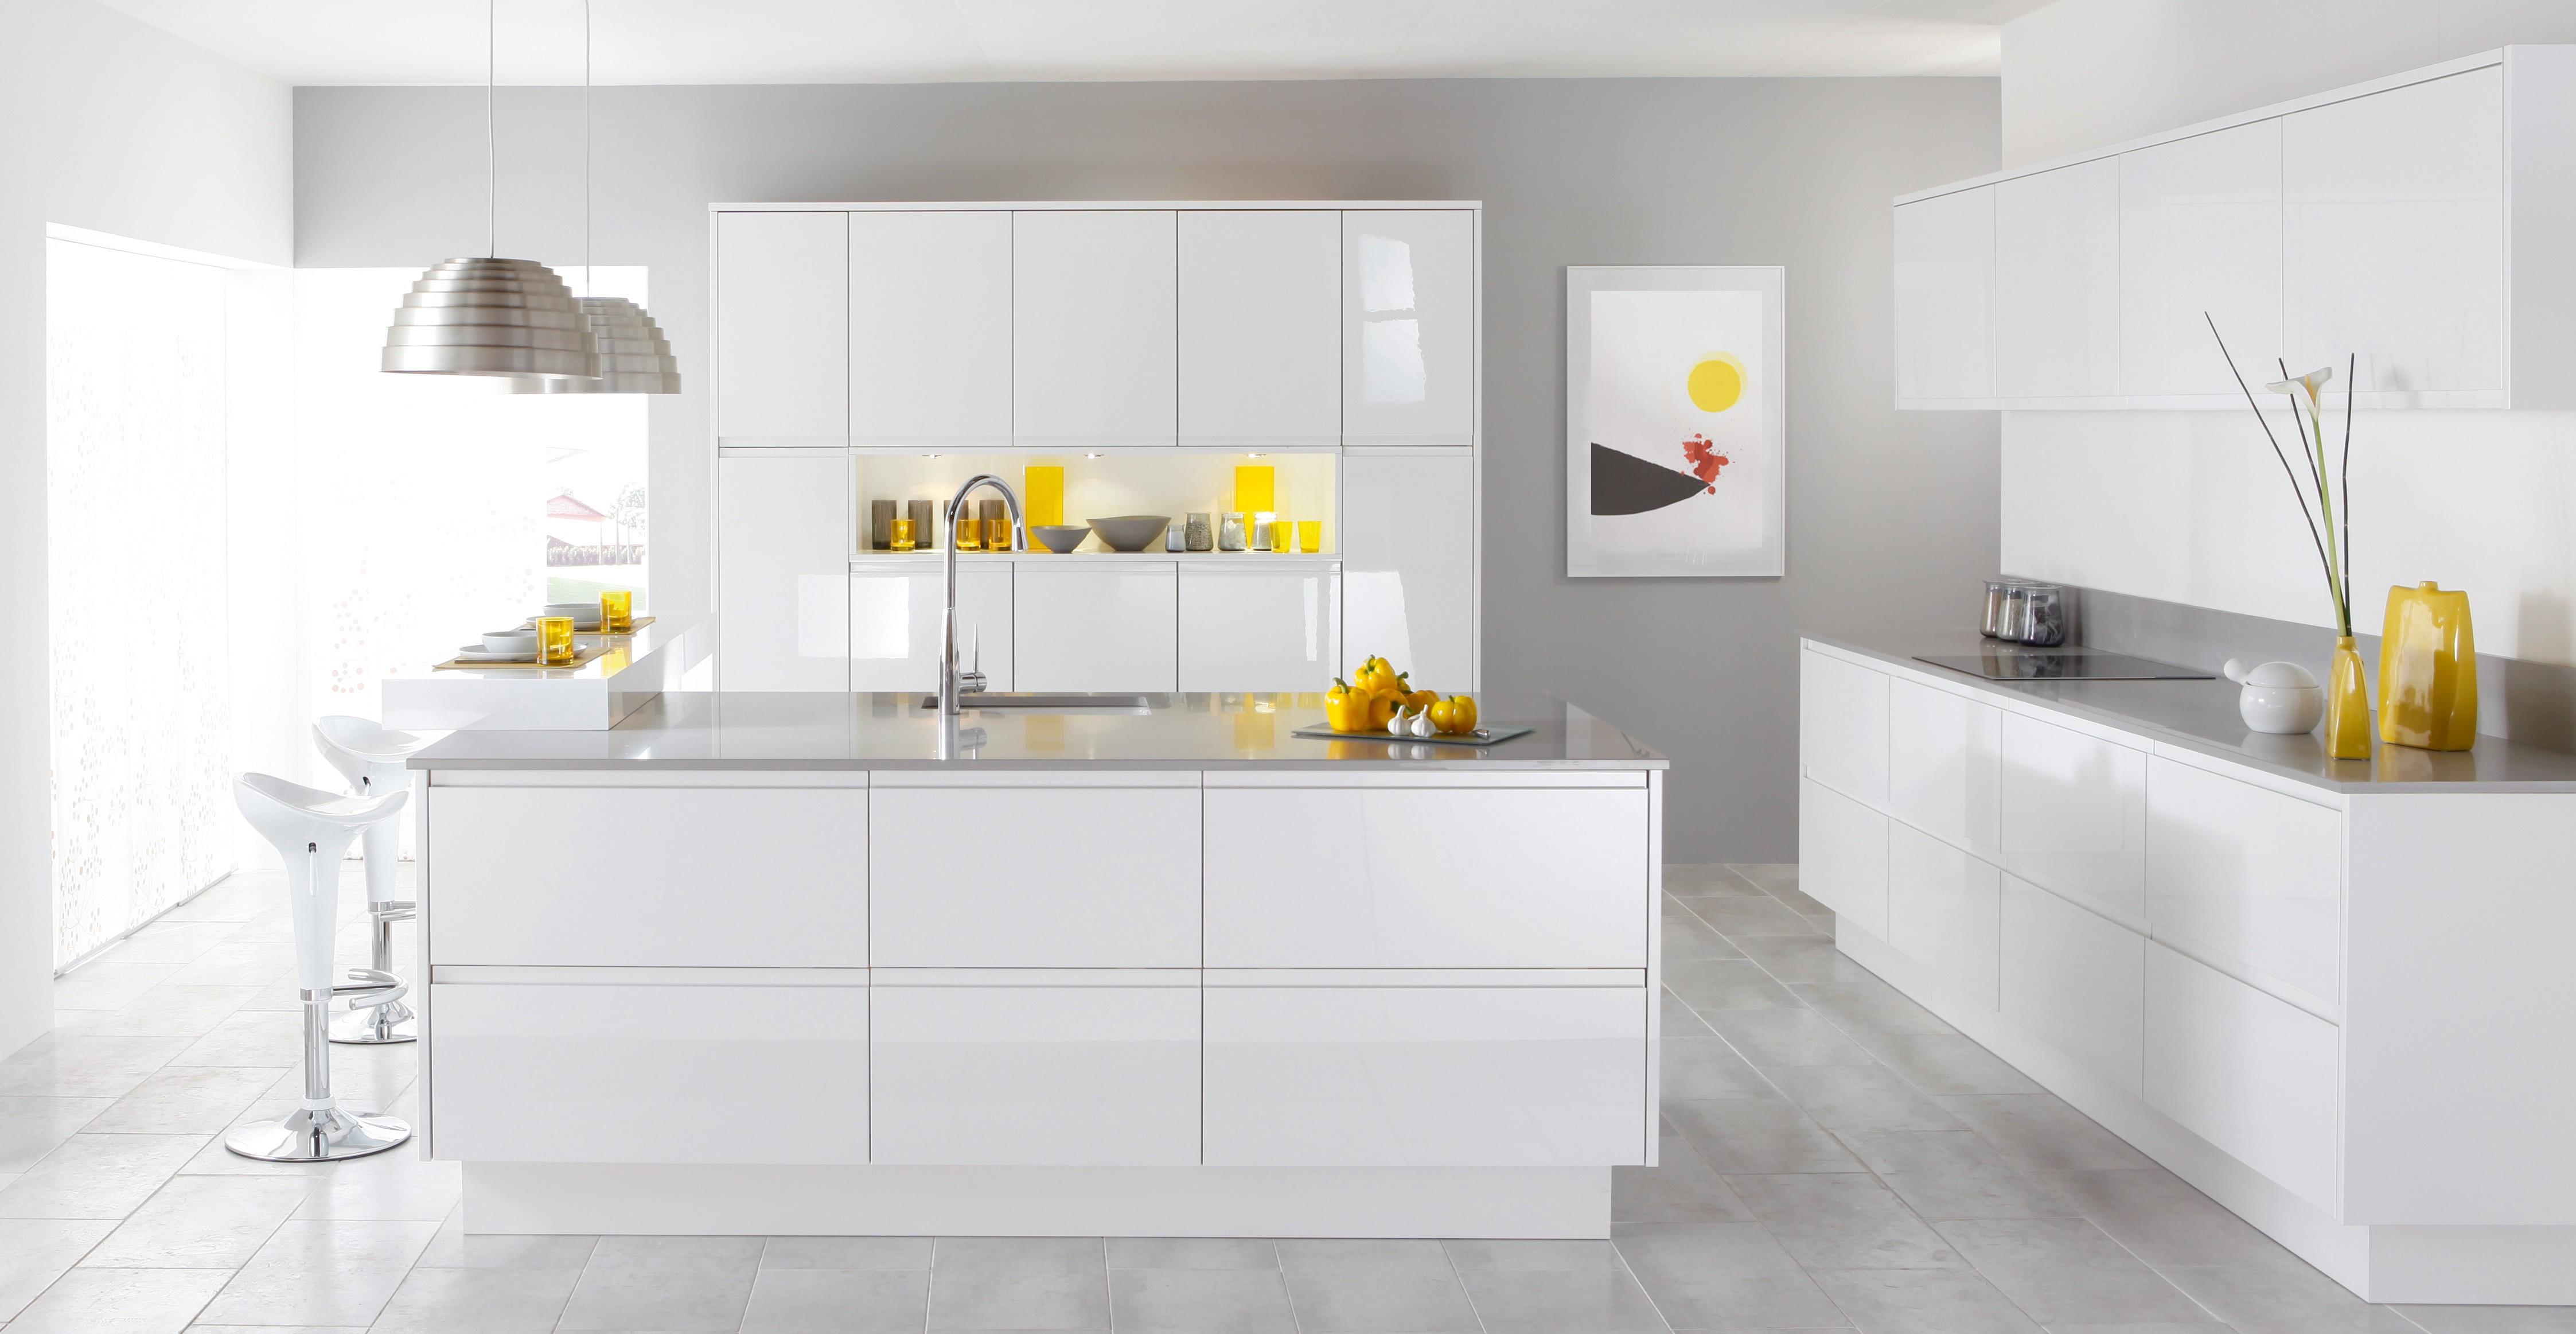 Prix Cuisine Aménagée Ikea prix d'une cuisine équipée ikea et de son installation